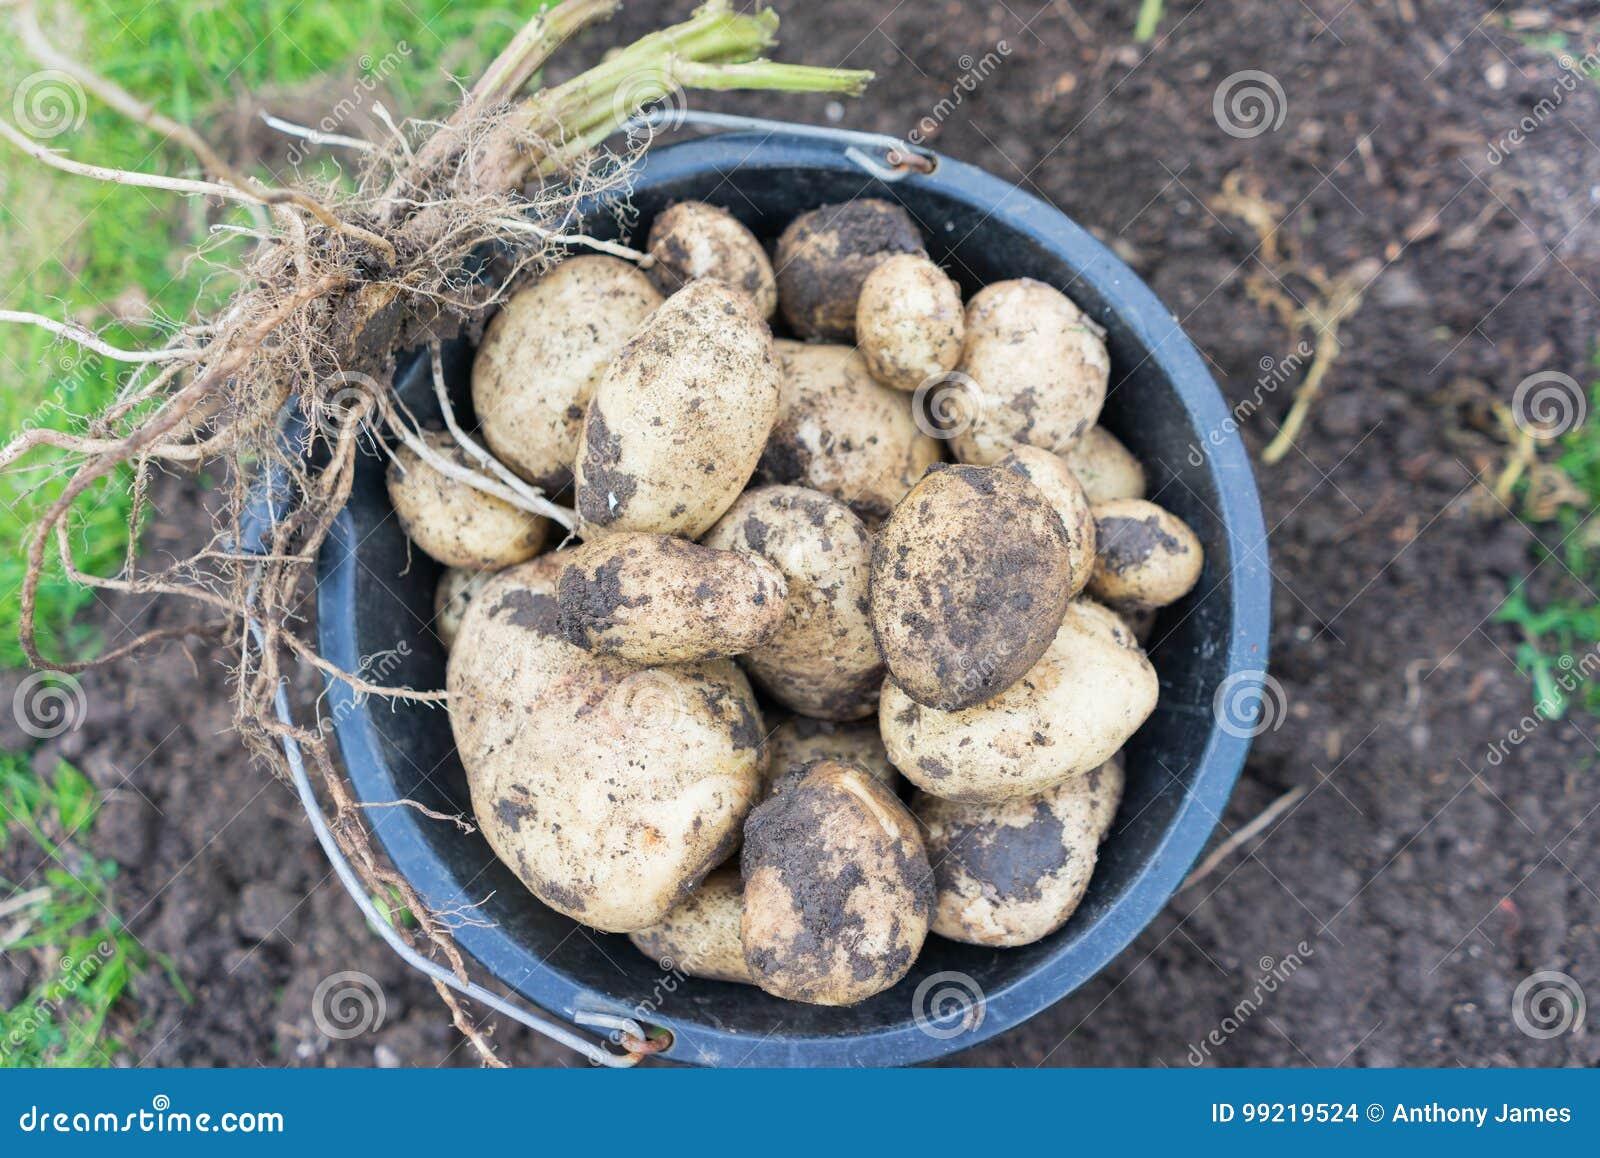 Freshly dug up potatoes